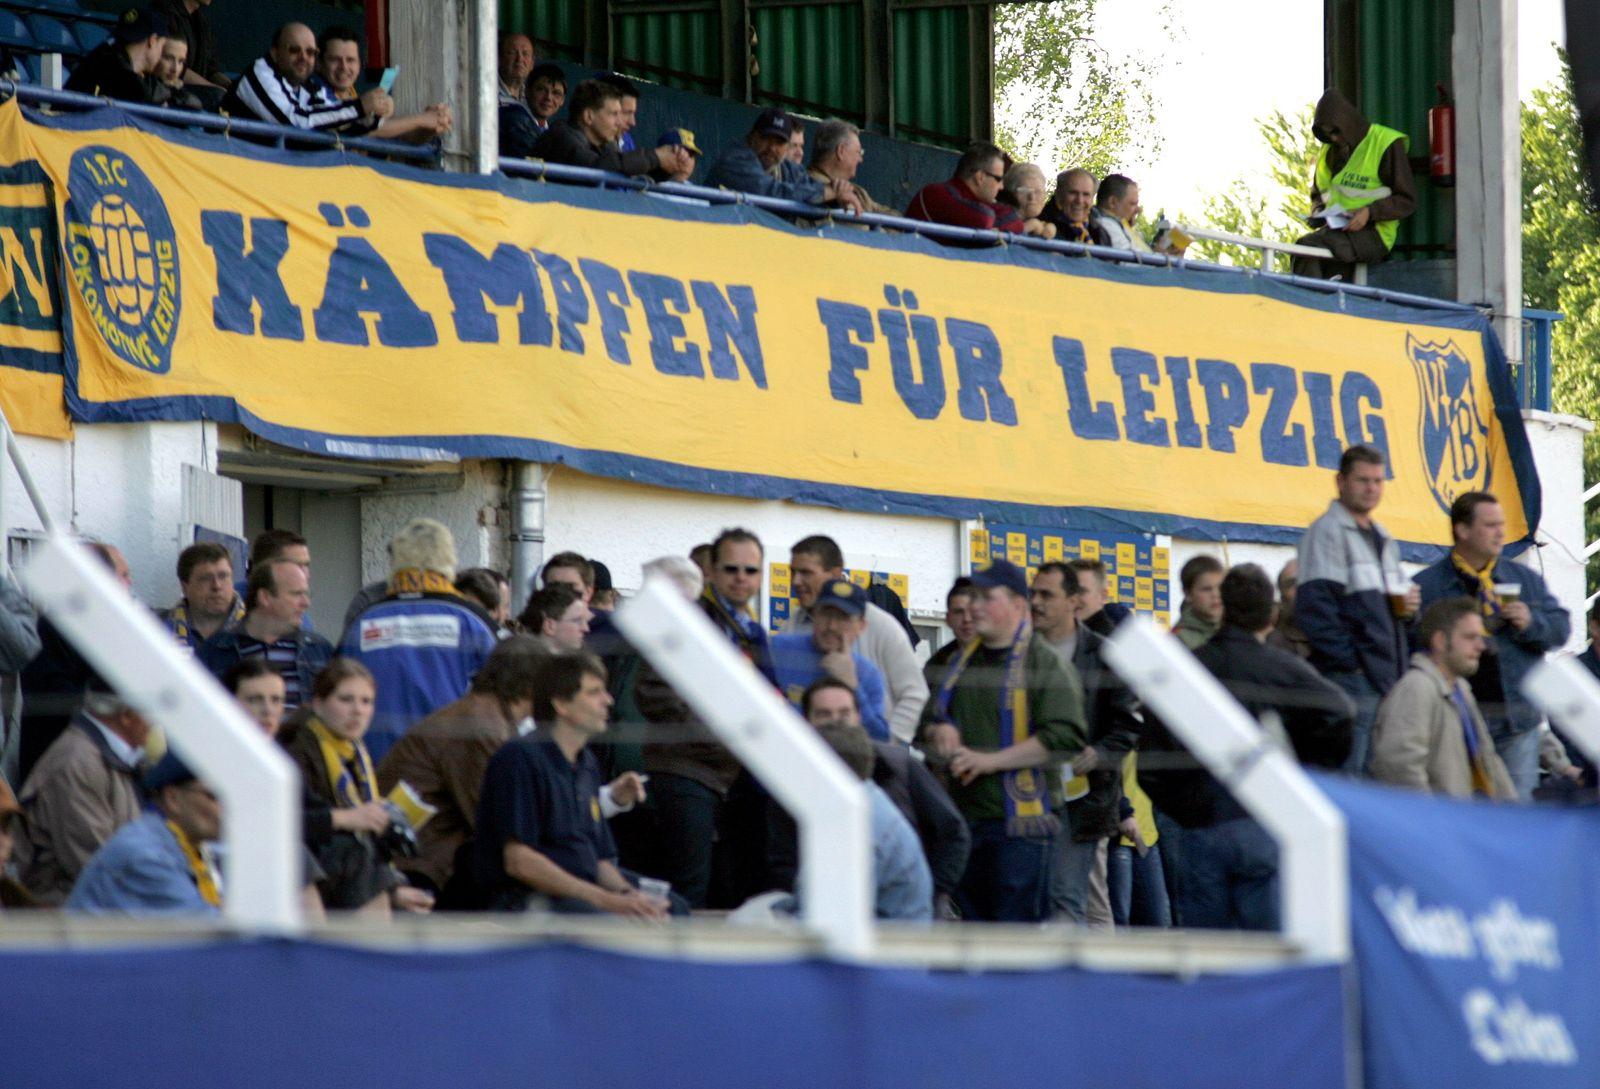 Fußball: Leipziger Fans mit Transparent